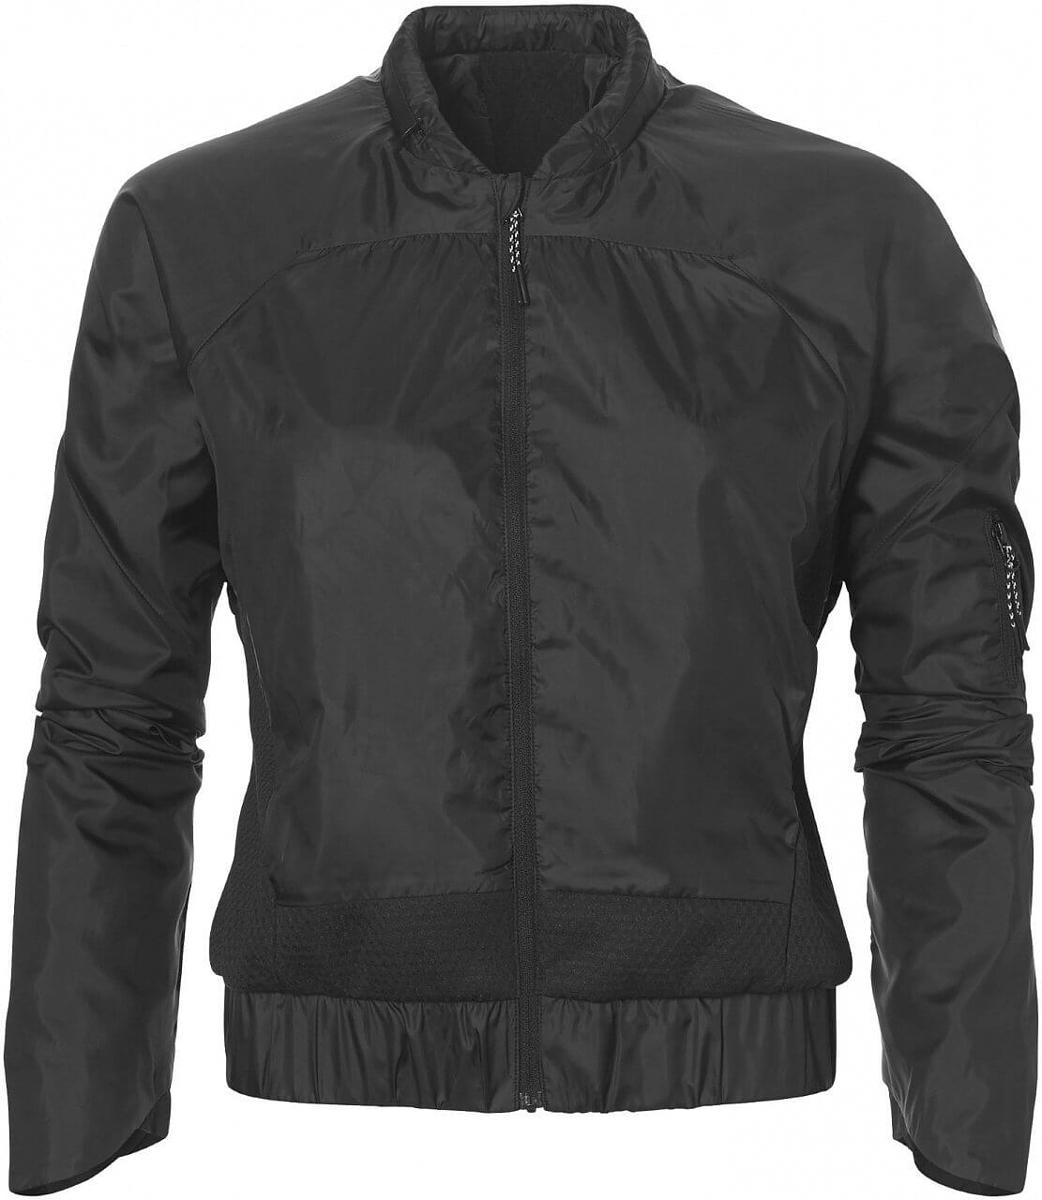 Куртка женская Asics Tech Jacket, цвет: черный. 146413-0904. Размер XS (42)146413-0904Спортивная куртка от Asics станет вашим лучшим другом на разминке, в перерывах между сетами и на корте в прохладную погоду.